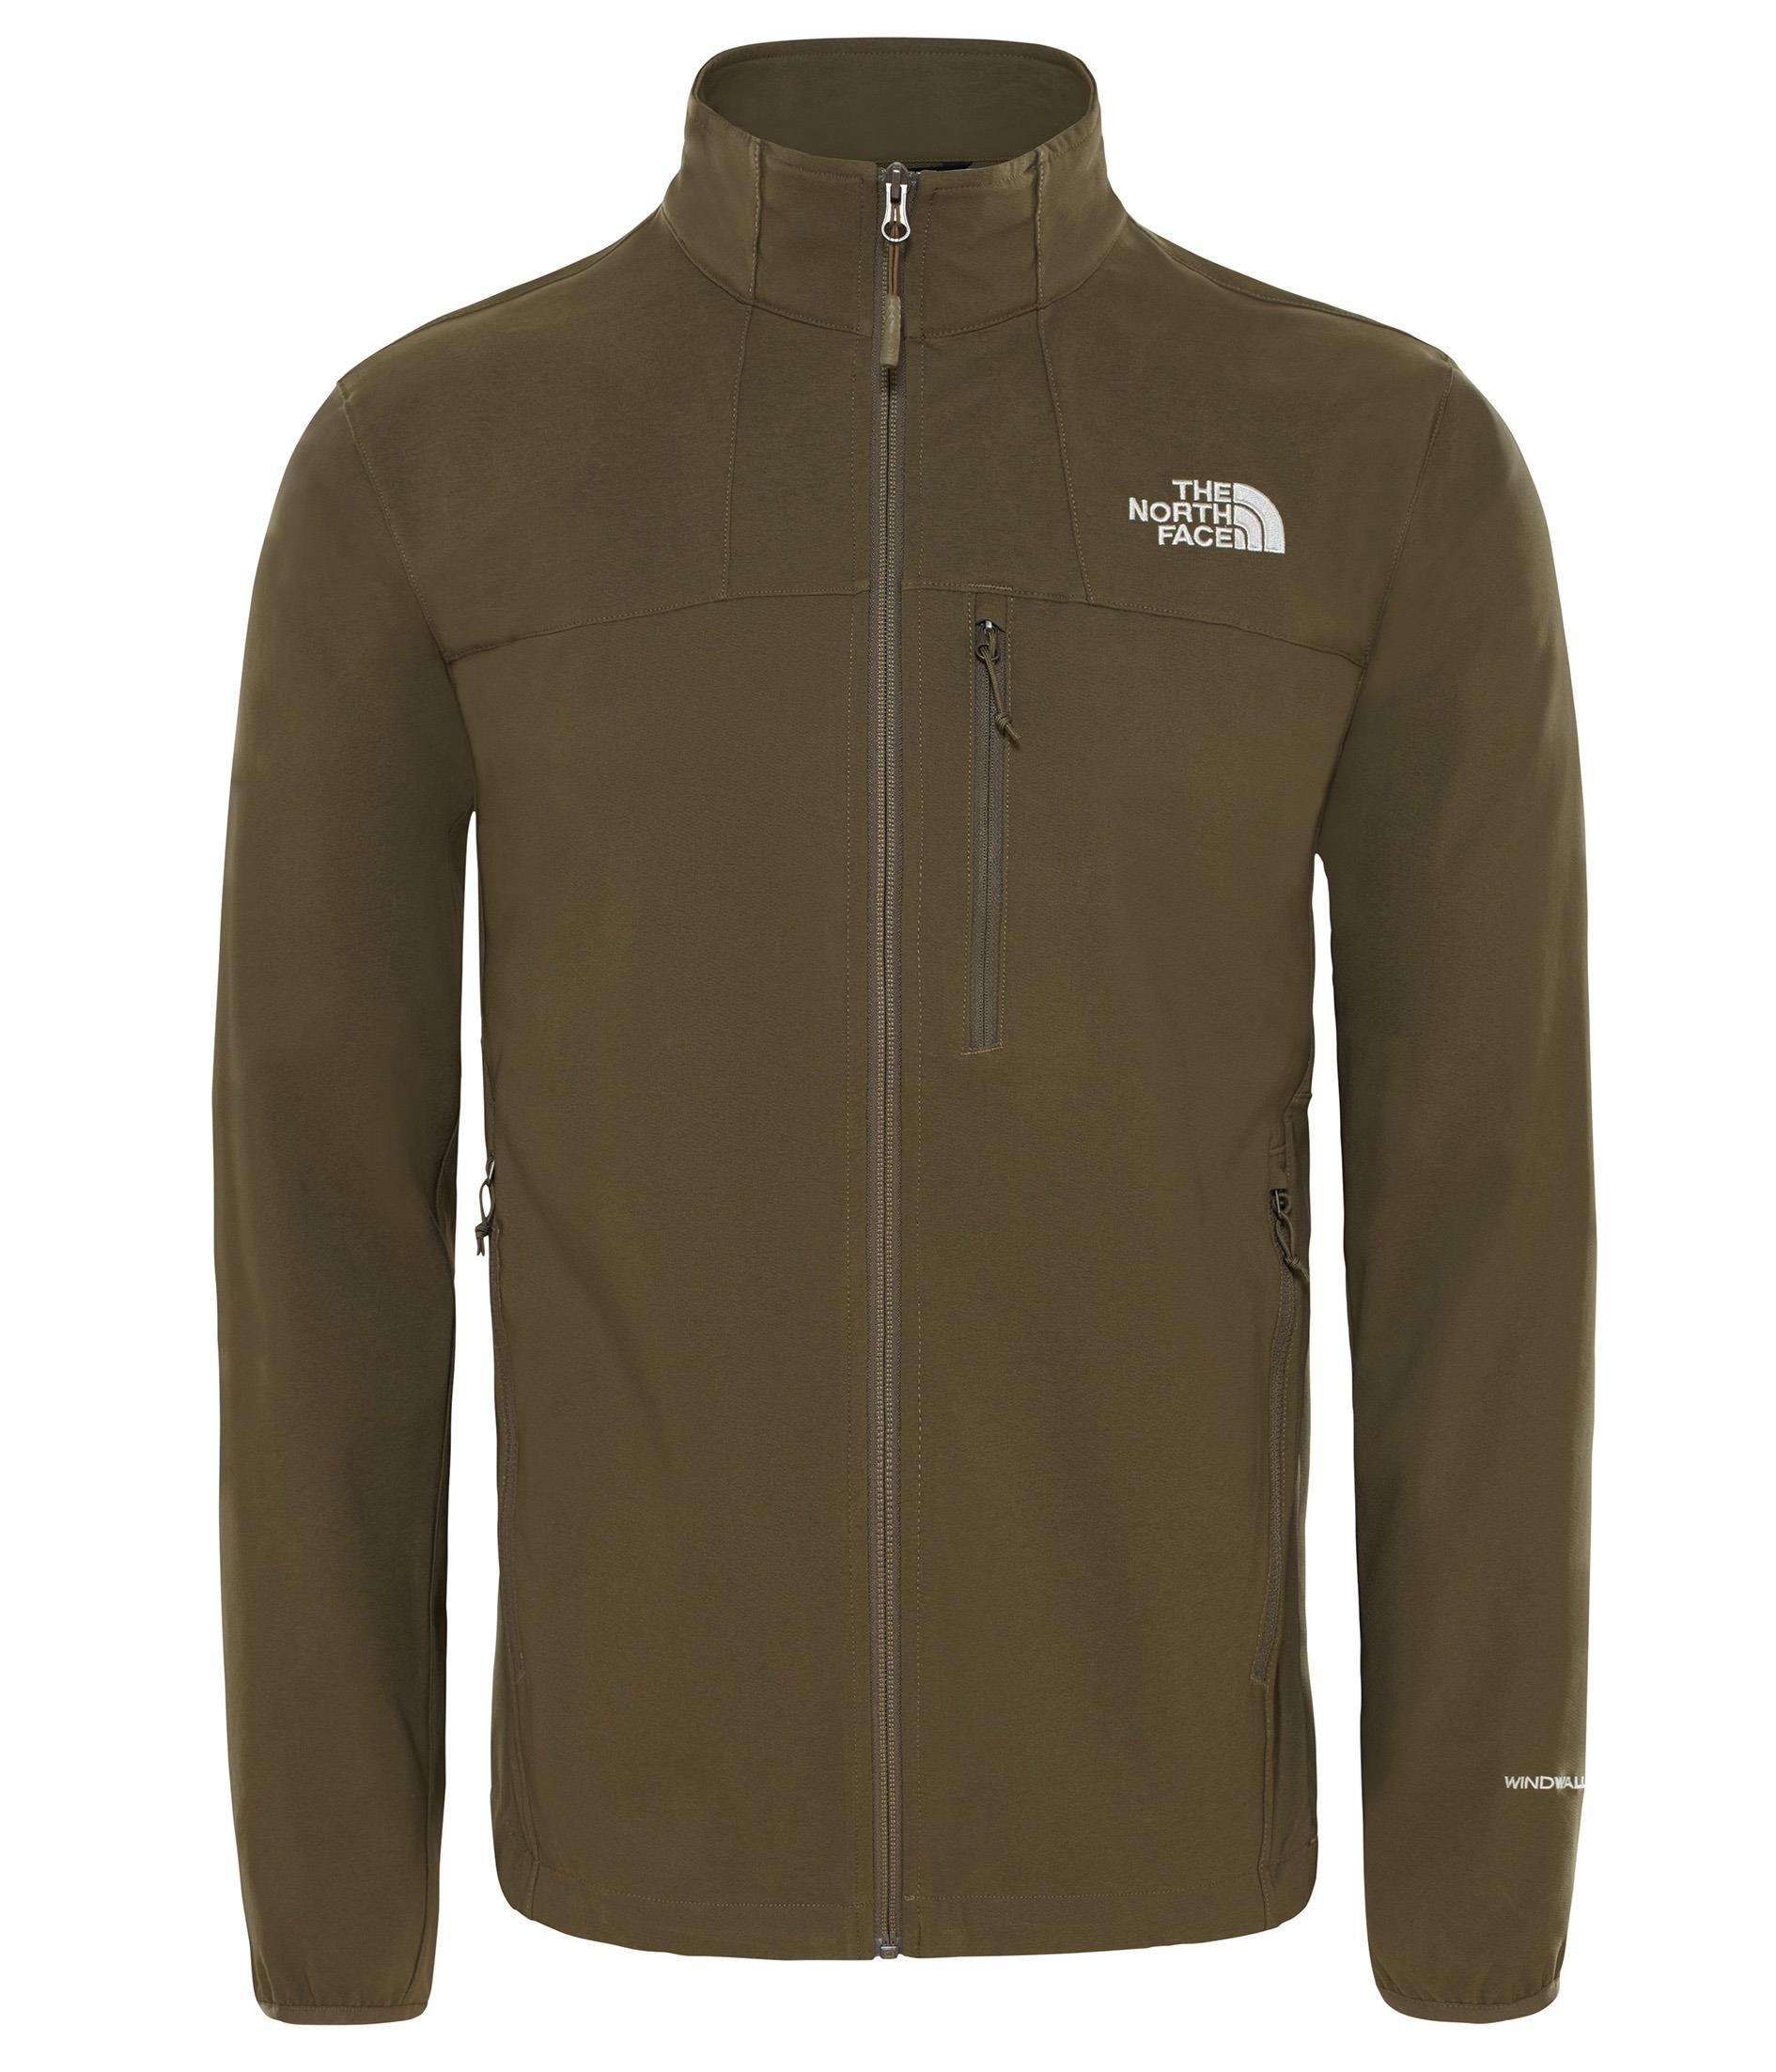 The Northface Erkek Nimble Jacket T92Tyg21L Ceket